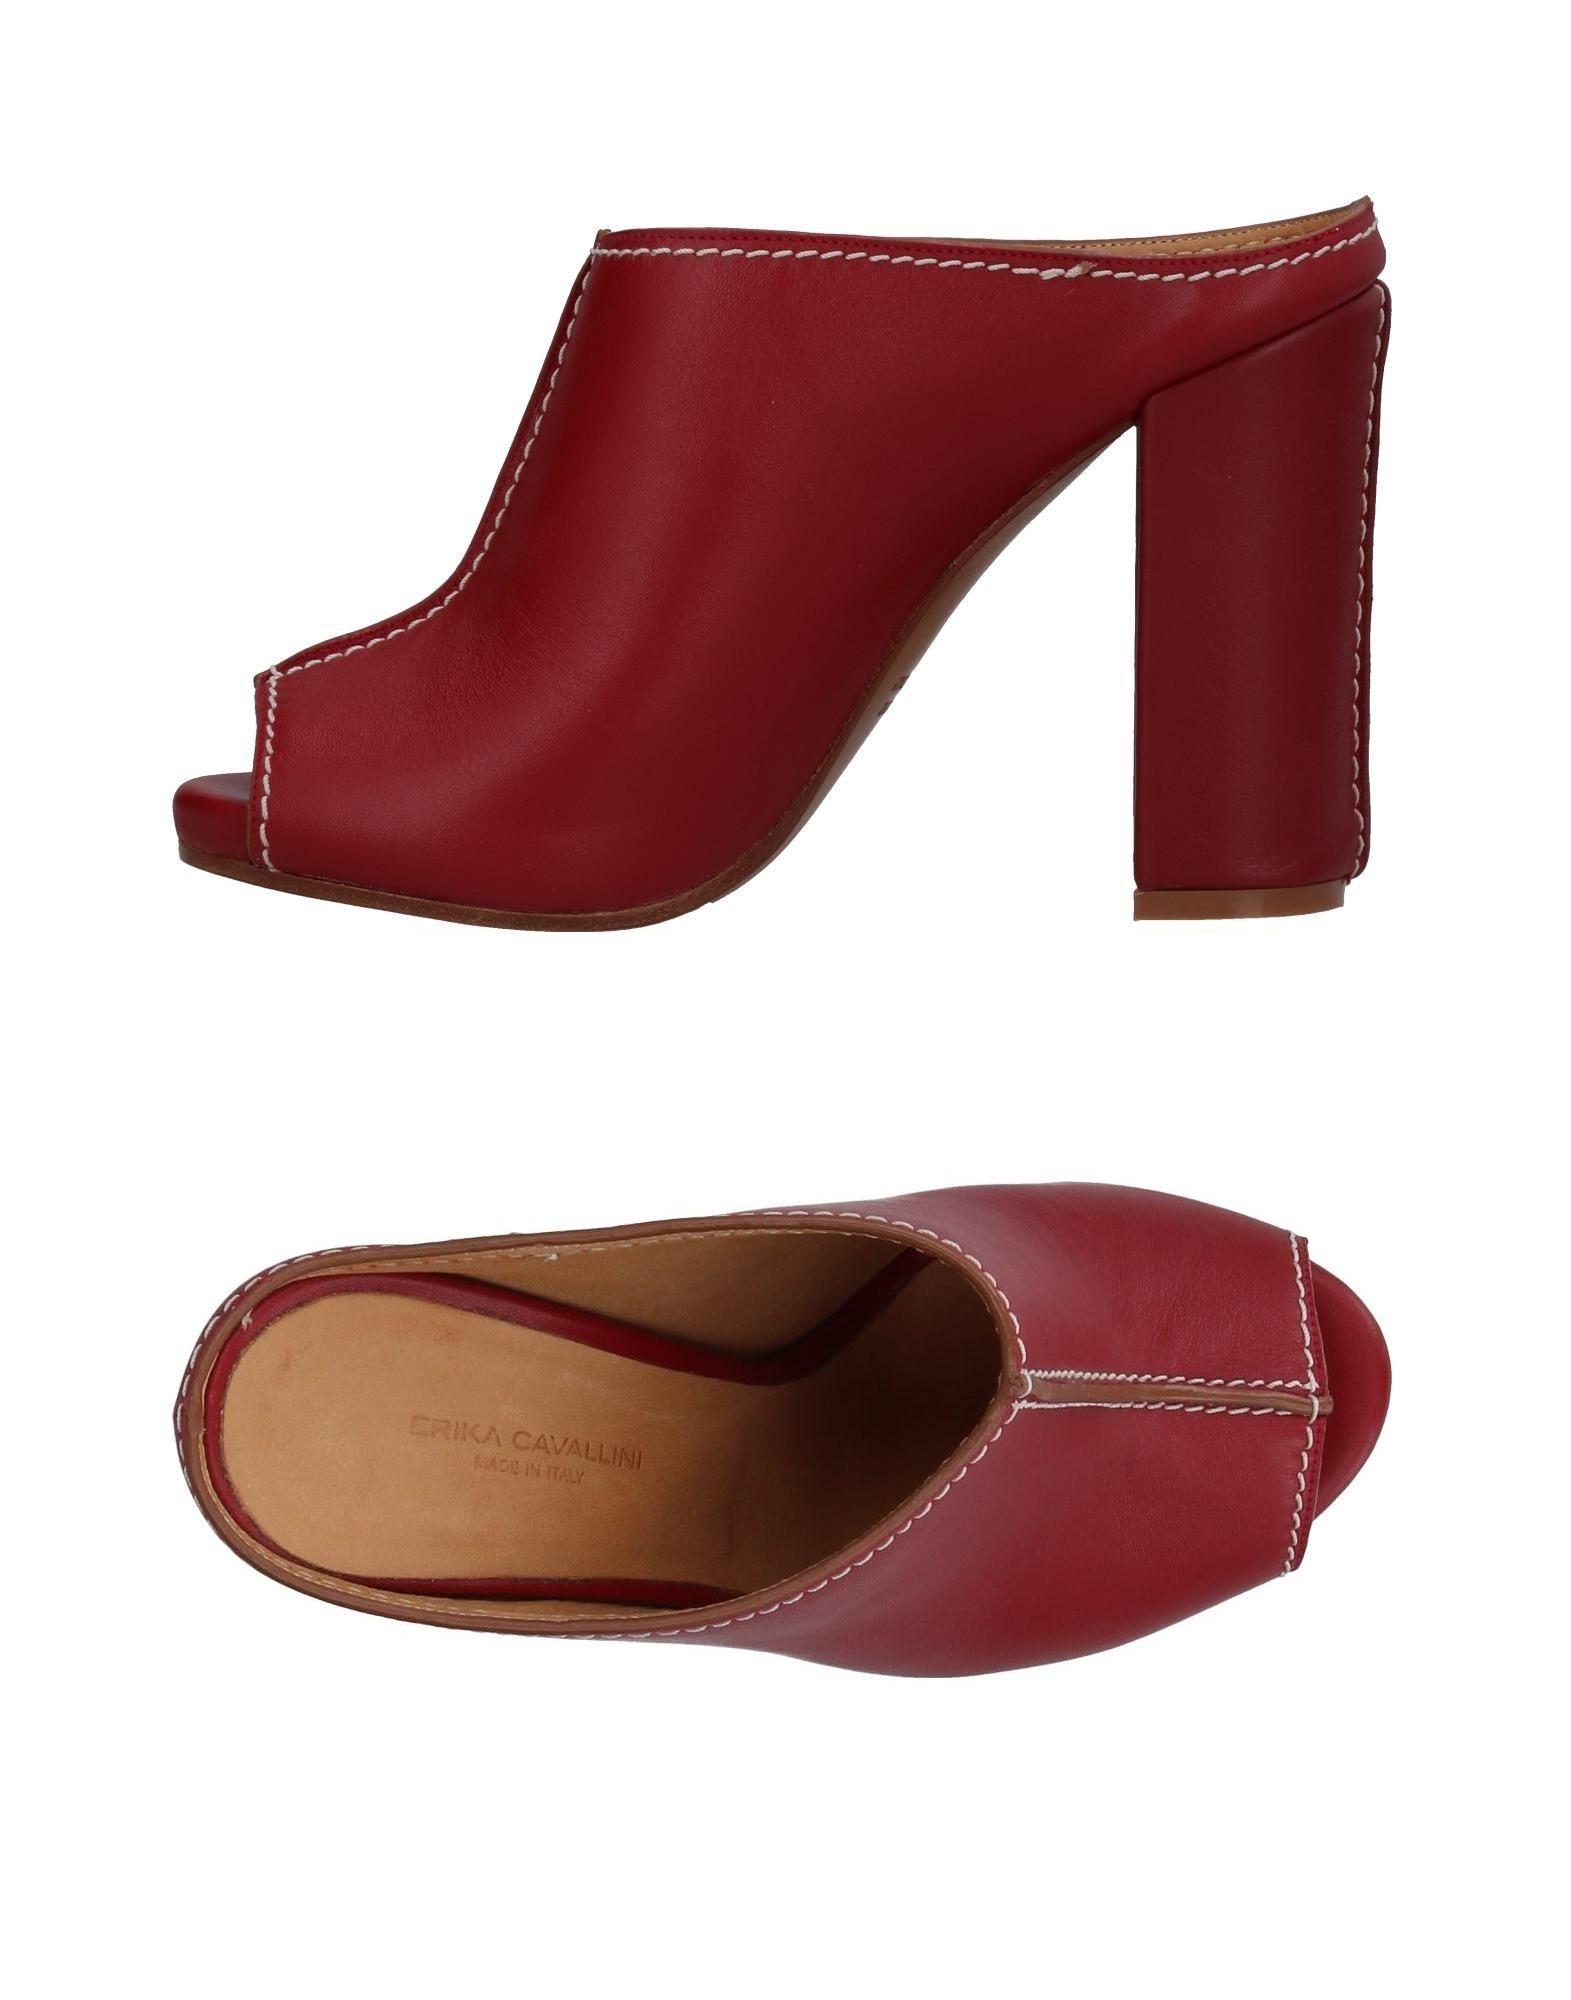 Erika Cavallini Pantoletten Damen  11363349GK Gute Qualität beliebte Schuhe